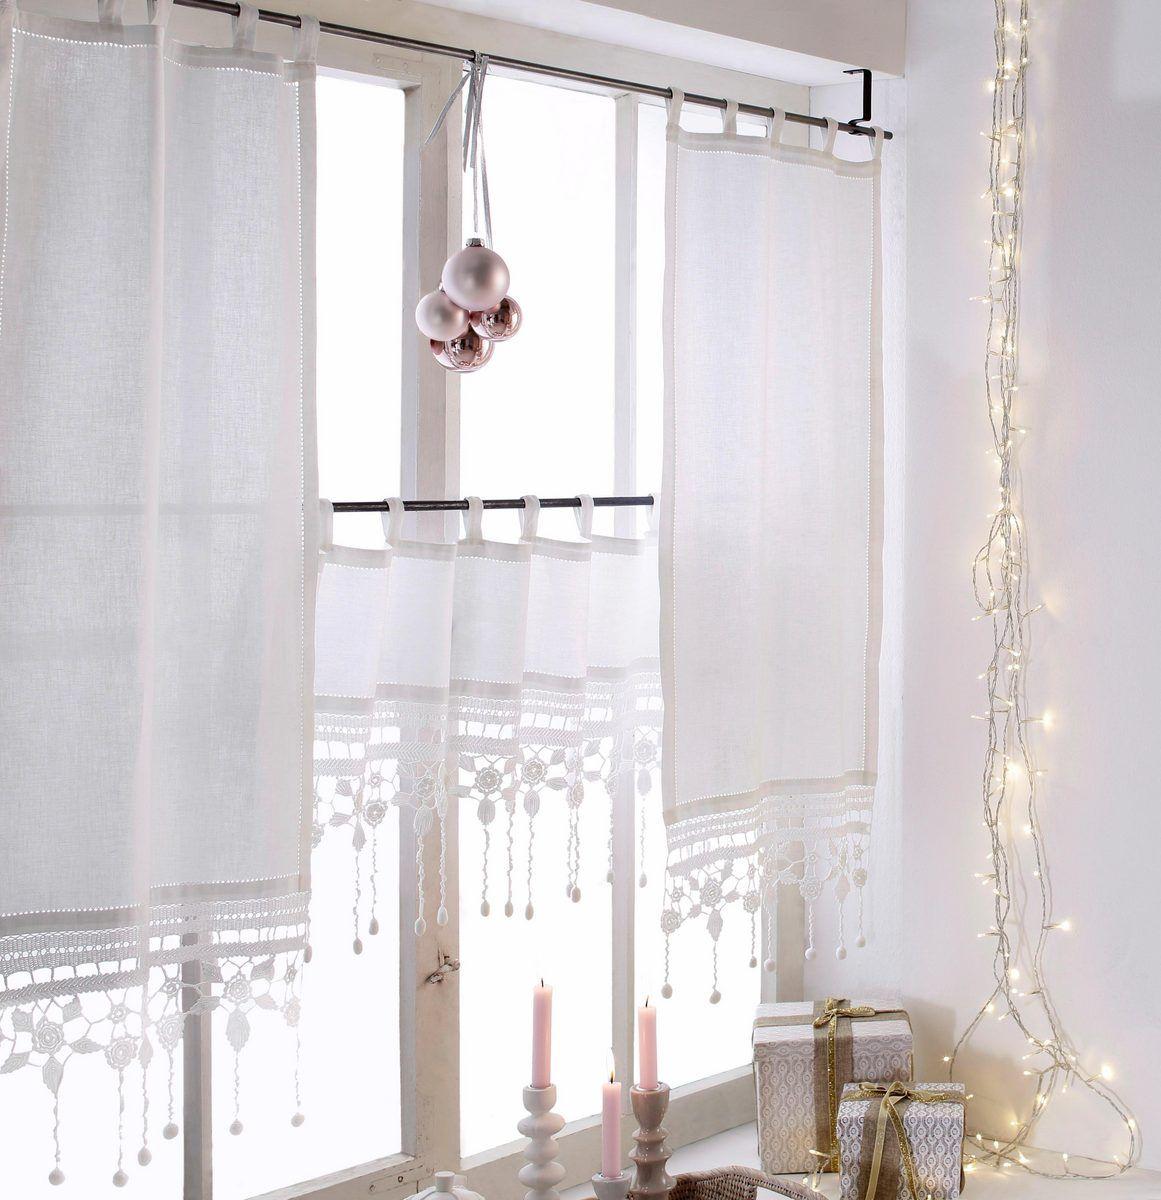 Scheibengardine Grossglockner Hossner Art Of Home Deco